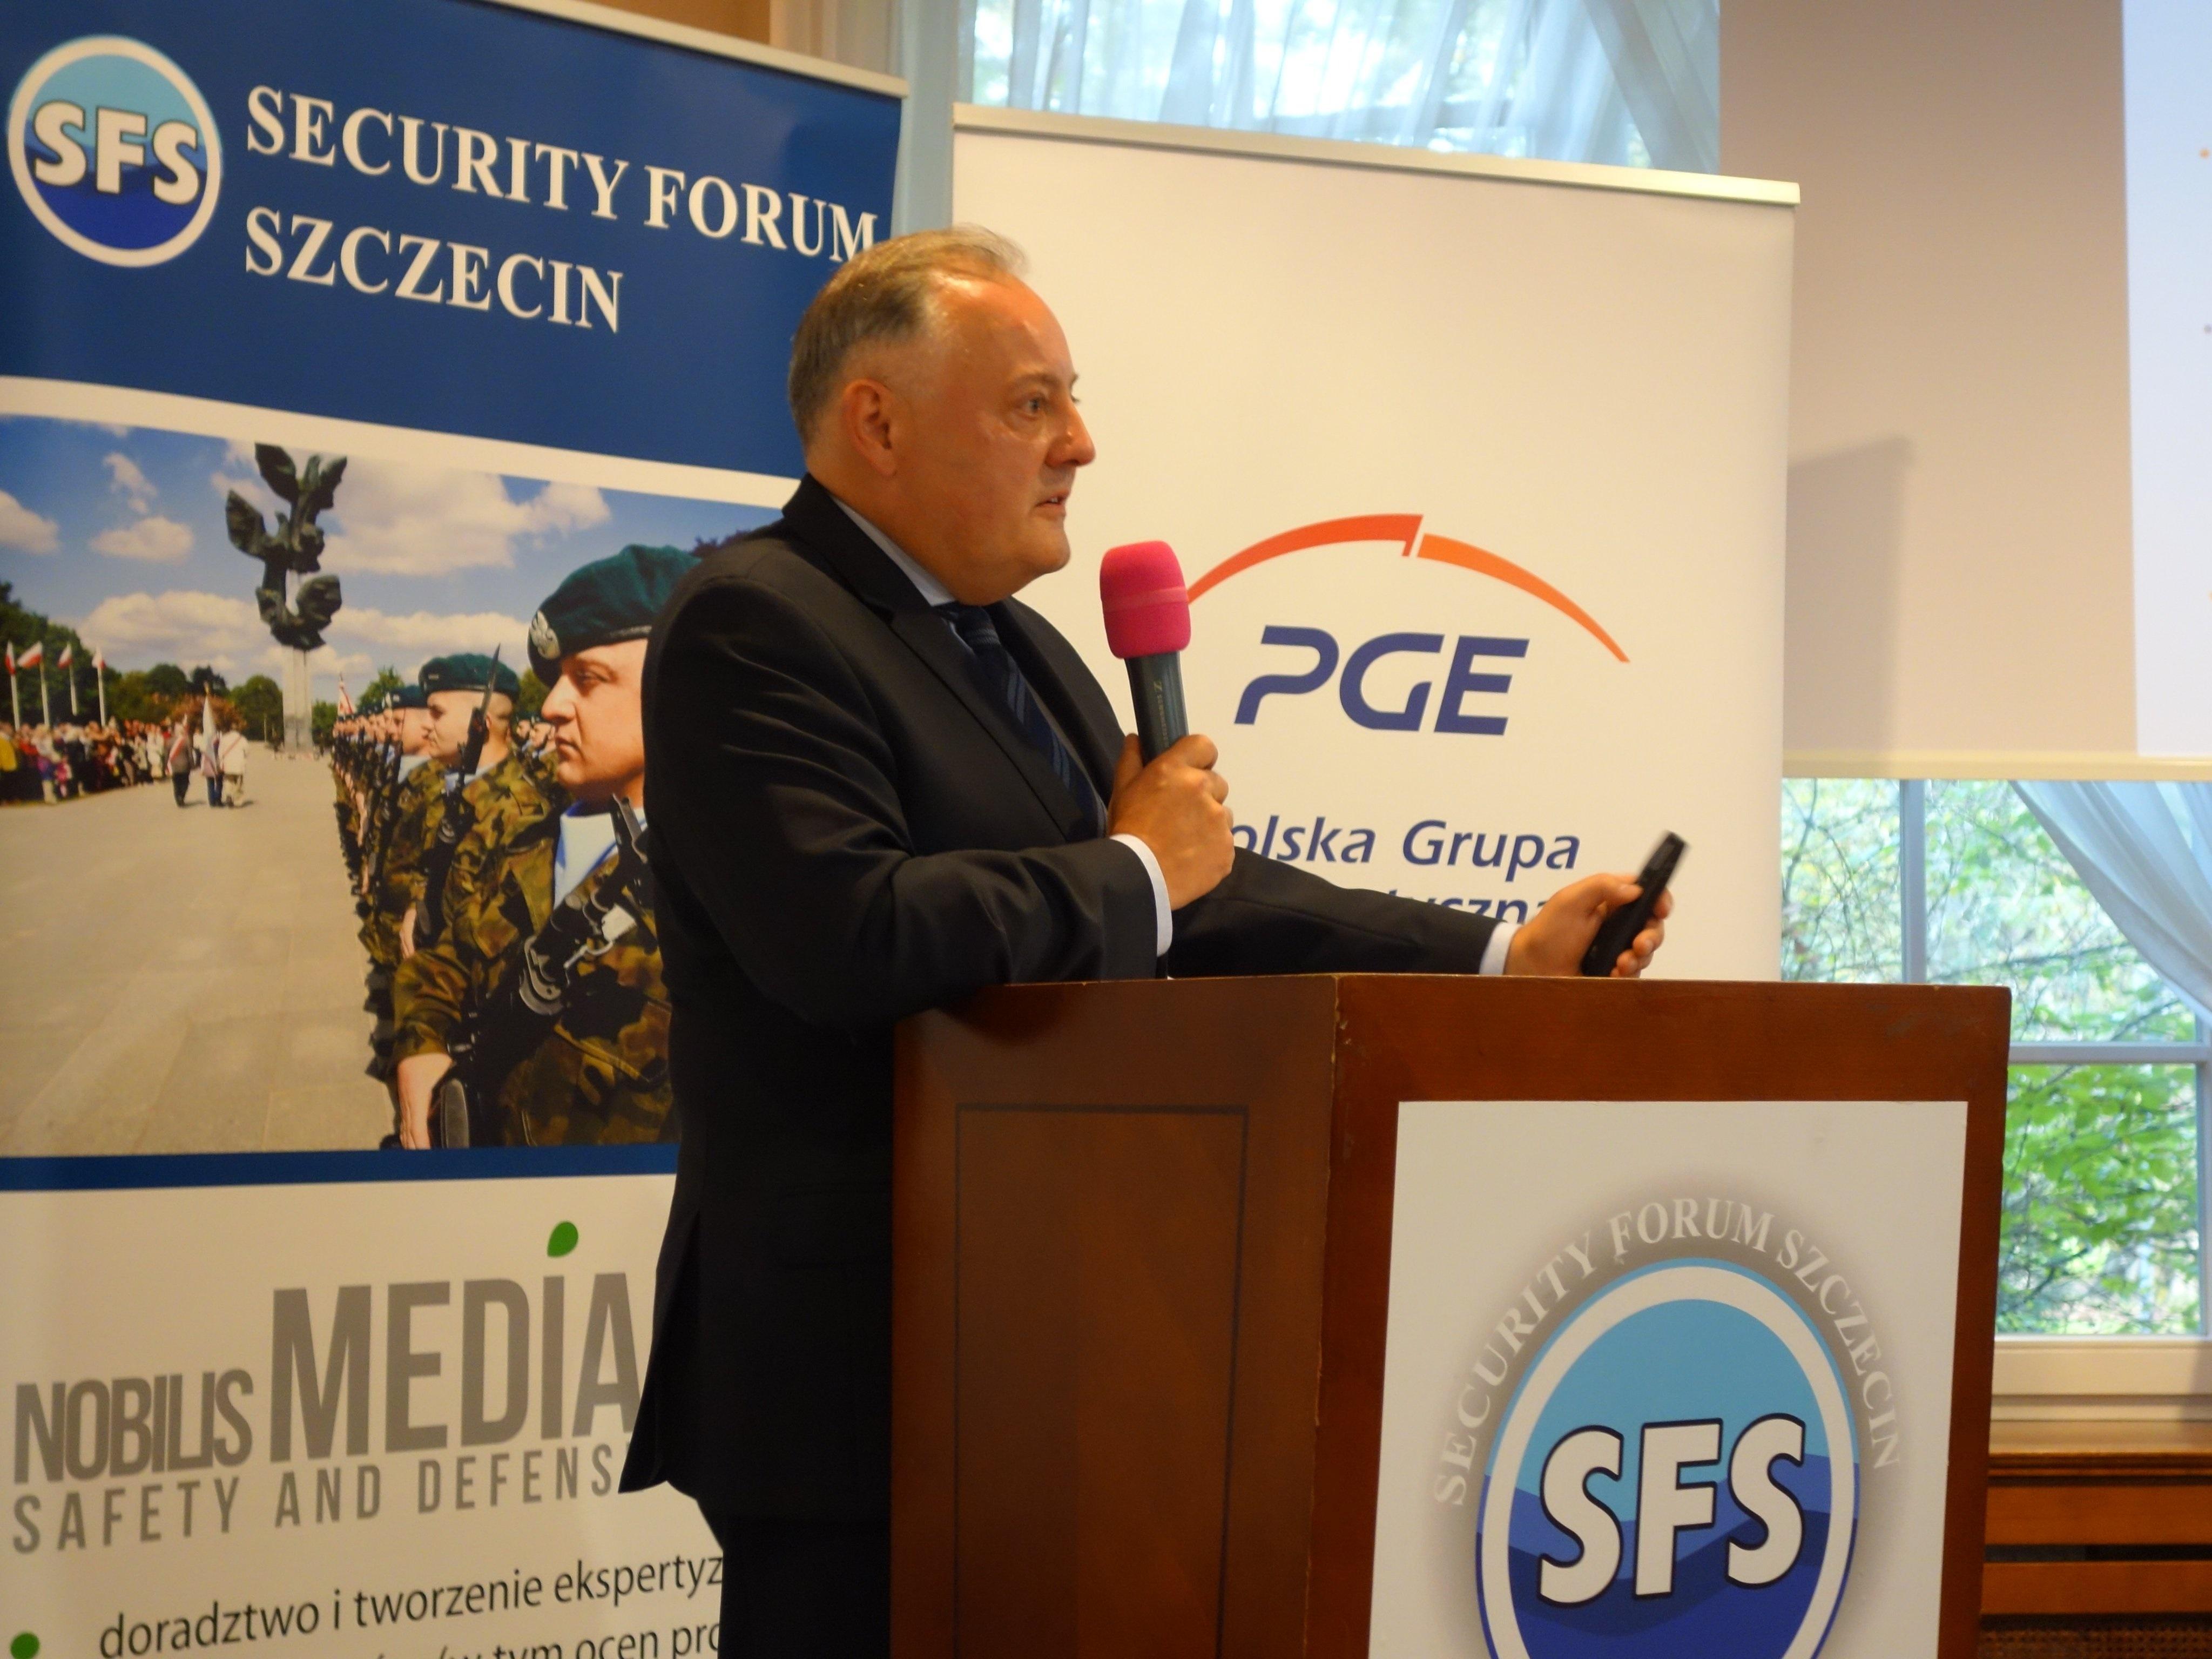 security-forum-szczecin_prezes-pge_wojciech-dabrowski.jpg